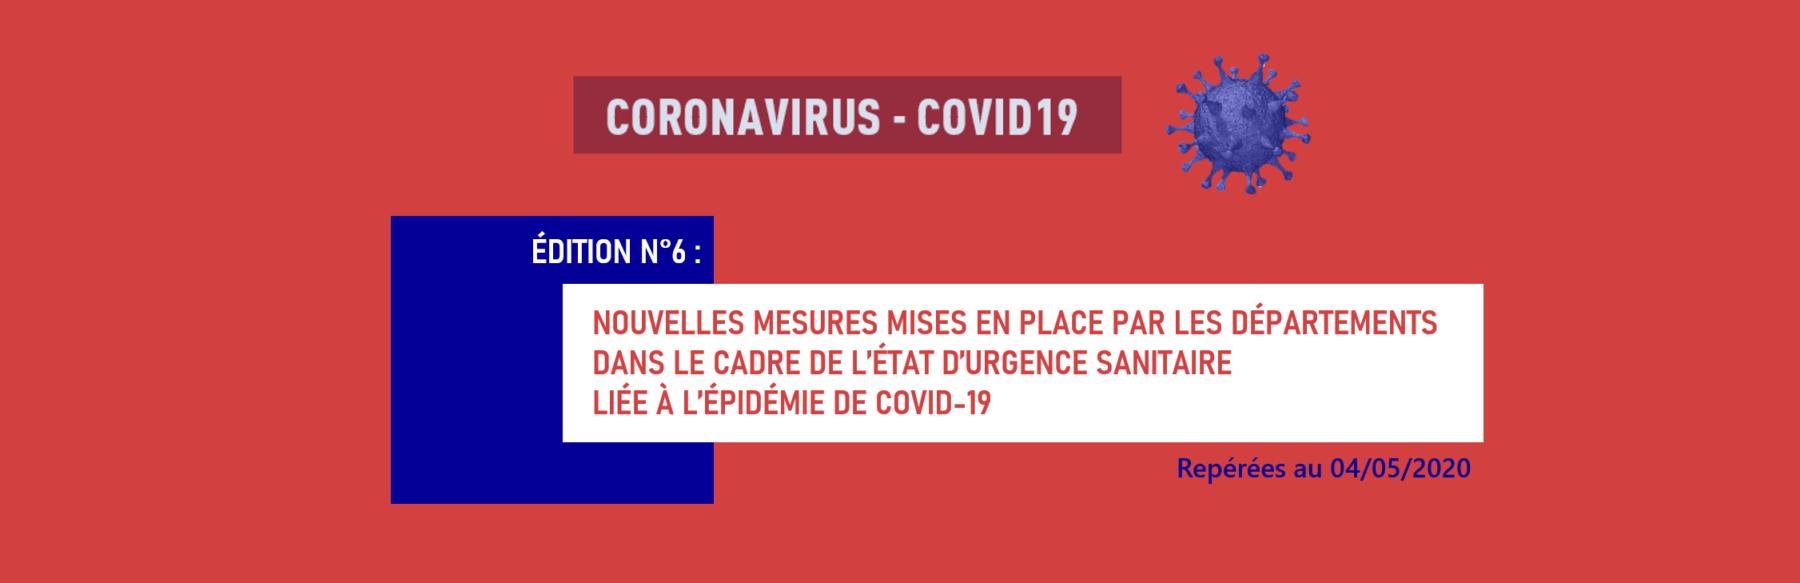 Edition n° 6 : Les nouvelles mesures mises en place par les Départements dans le cadre de l'état d'urgence sanitaire liée à l'épidémie de covid-19